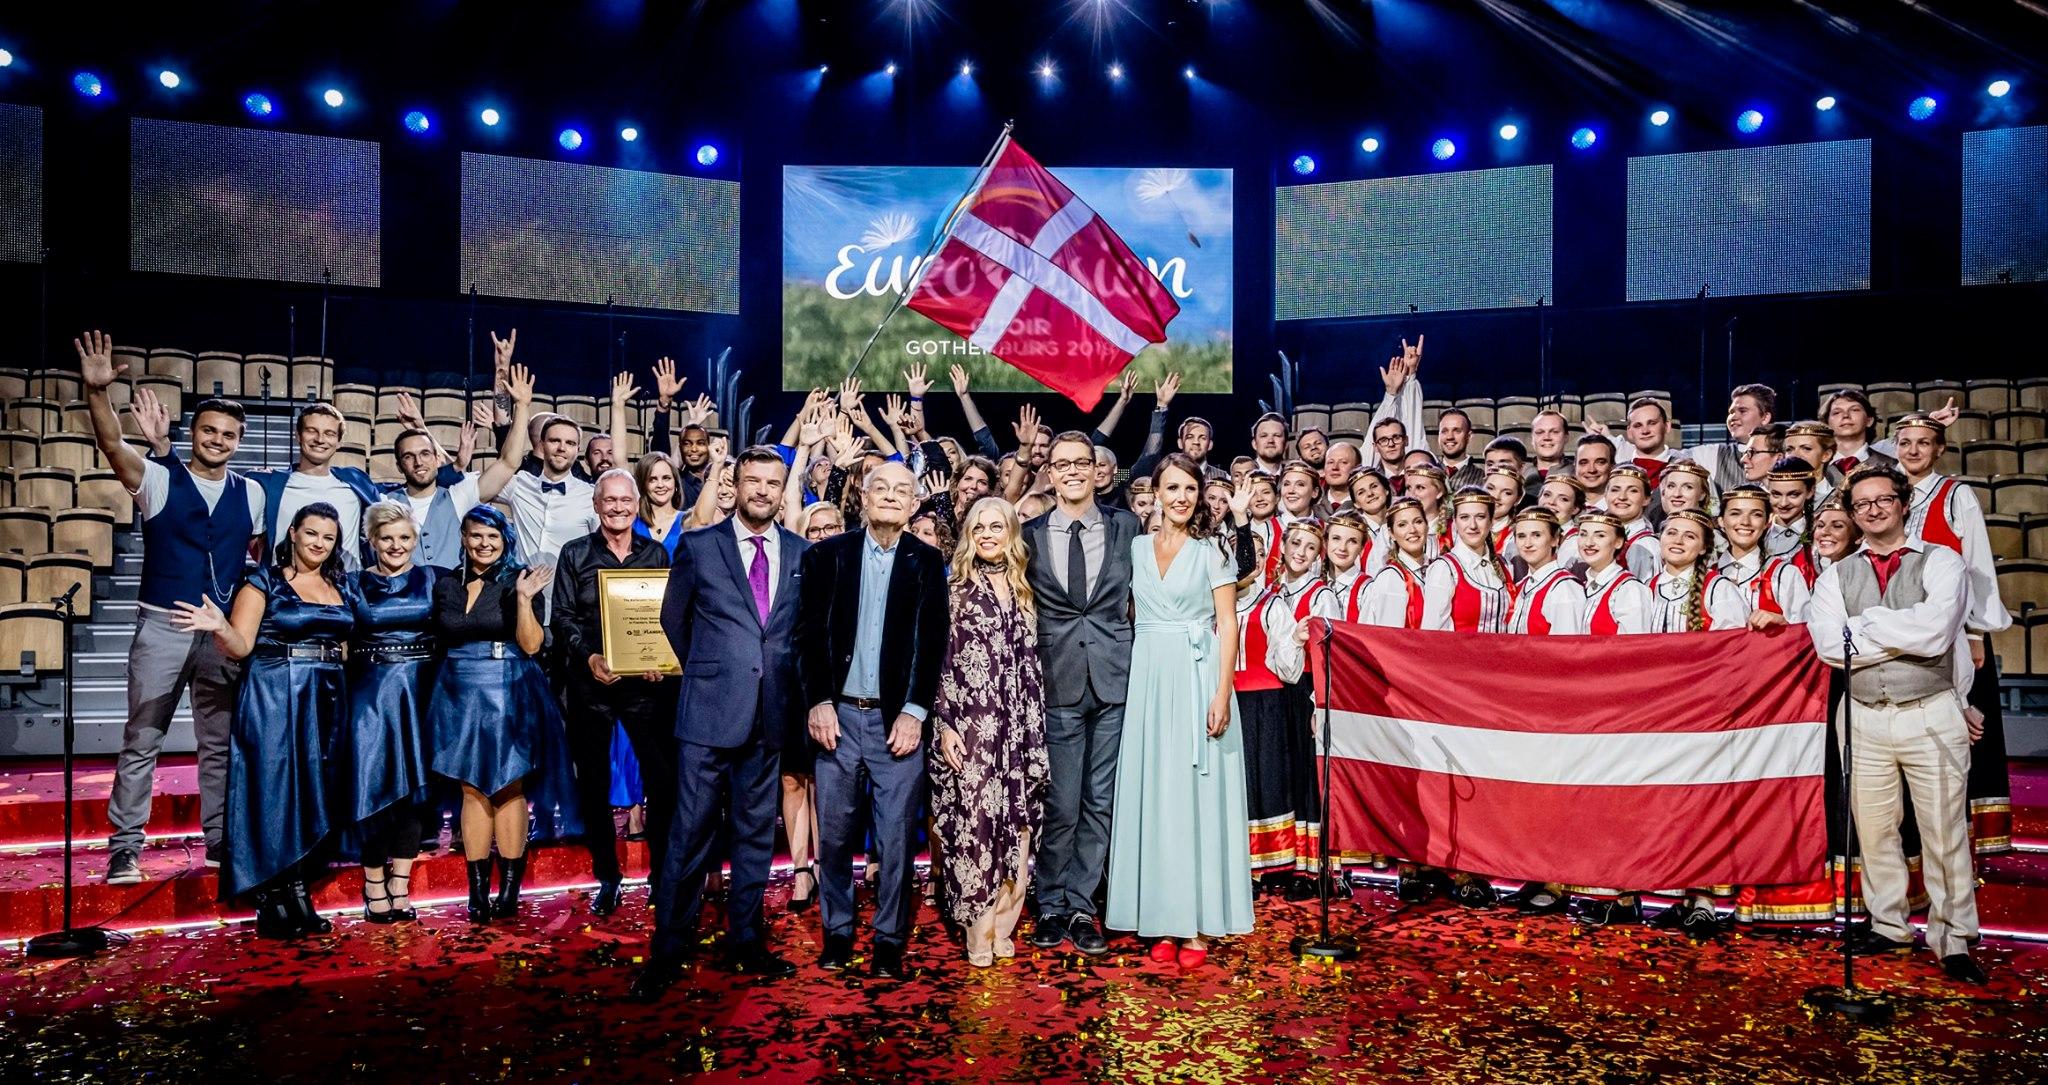 Eurovision Choir 2019 - Winners